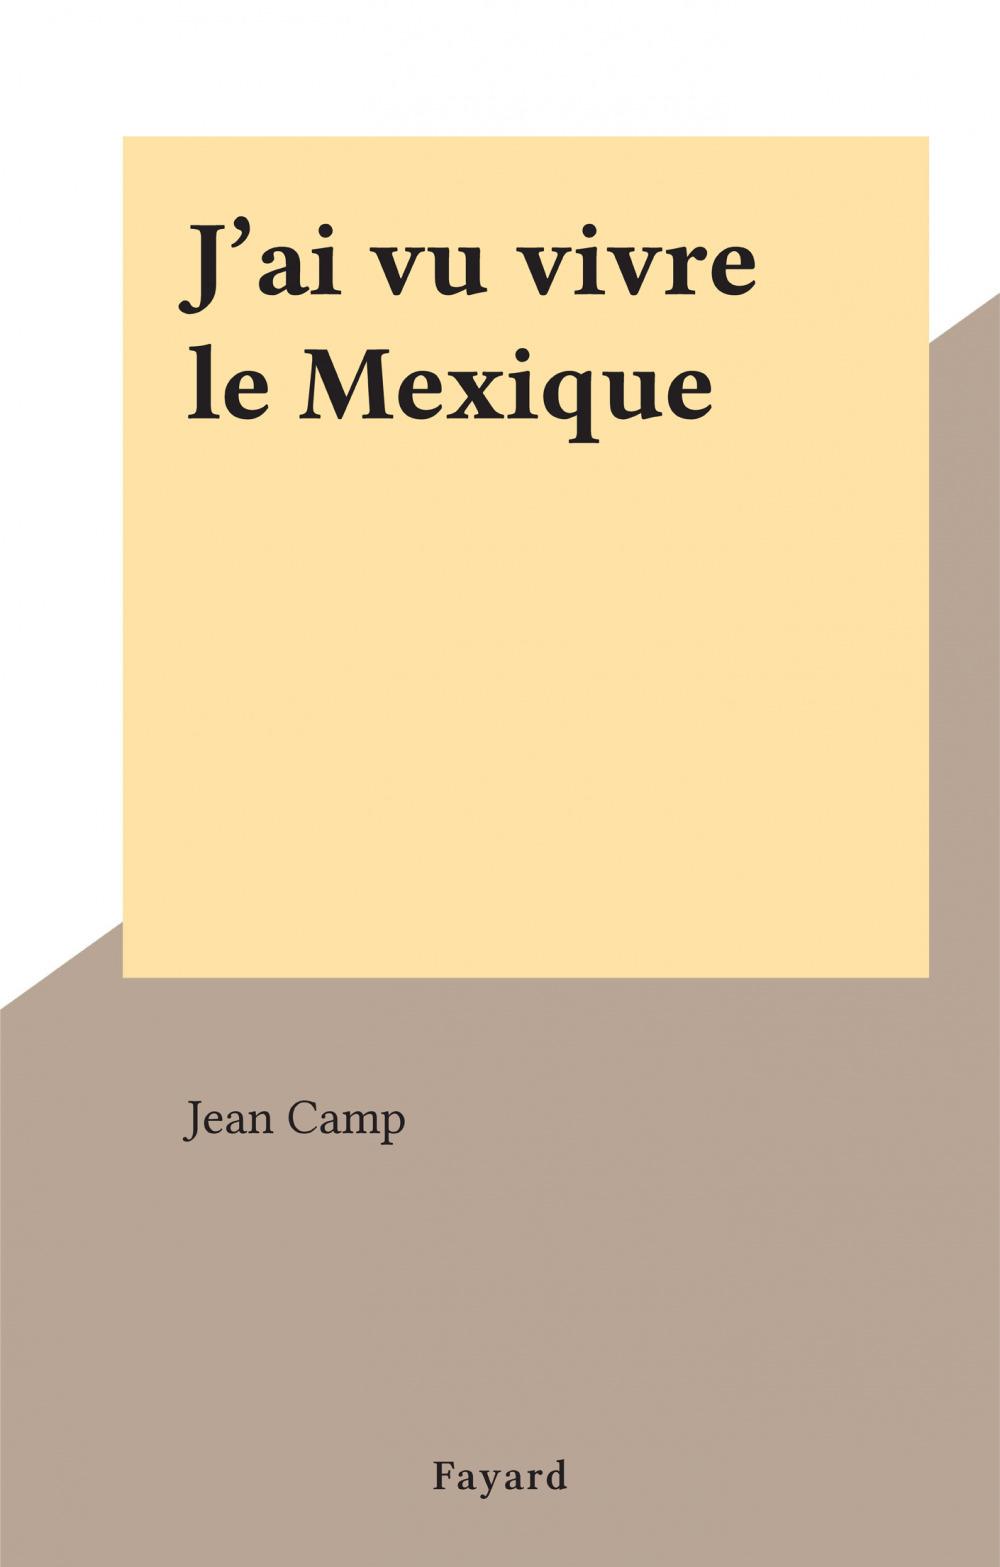 J'ai vu vivre le Mexique  - Jean Camp